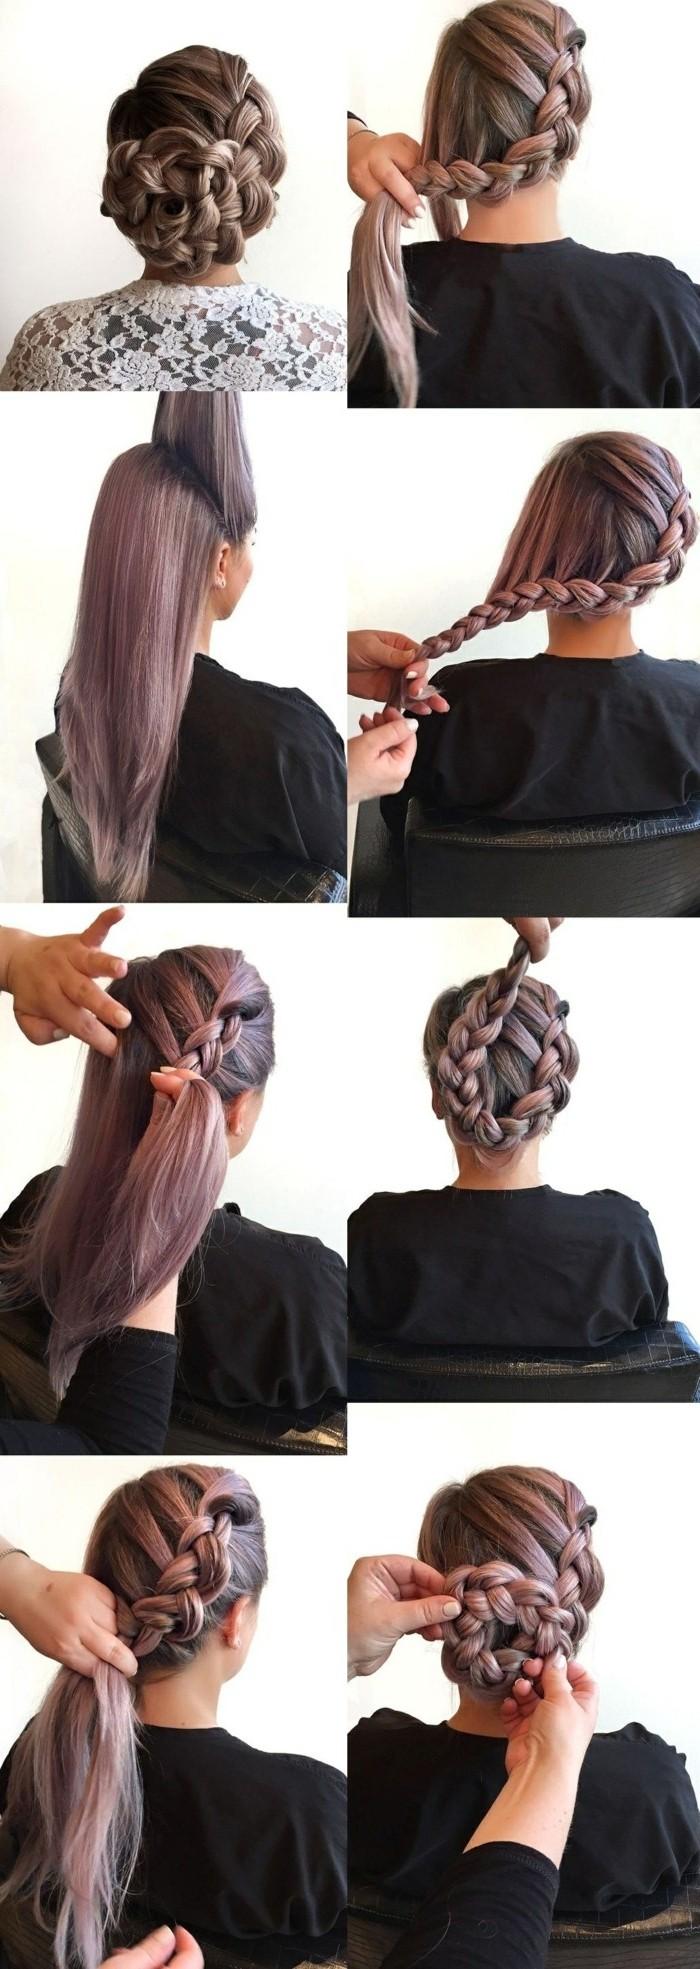 como hacer un recogido trenzado paso a paso, peinados faciles de hacer y originales en imagines